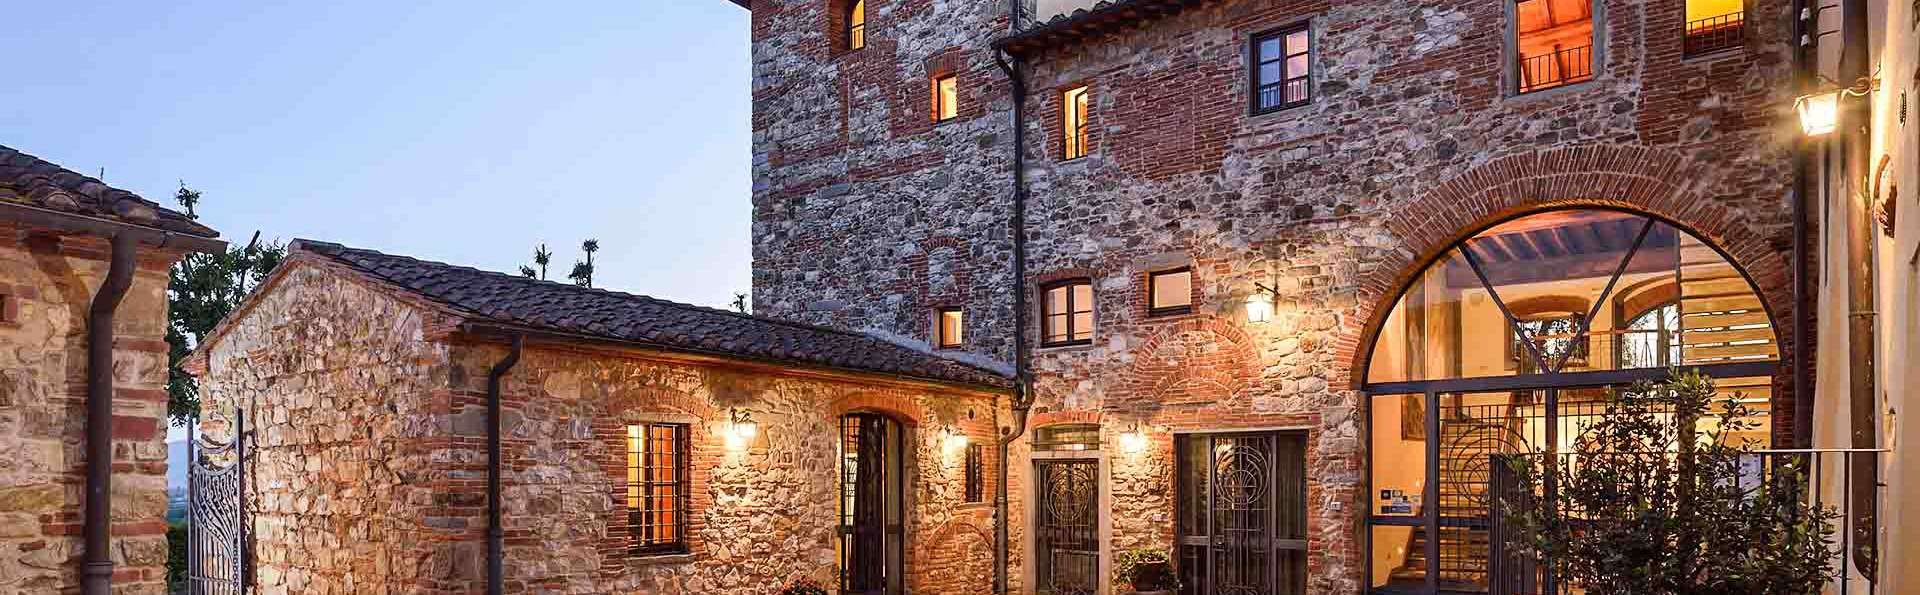 Week-end dans le Chianti, parmi les collines toscanes, dans un village médiéval